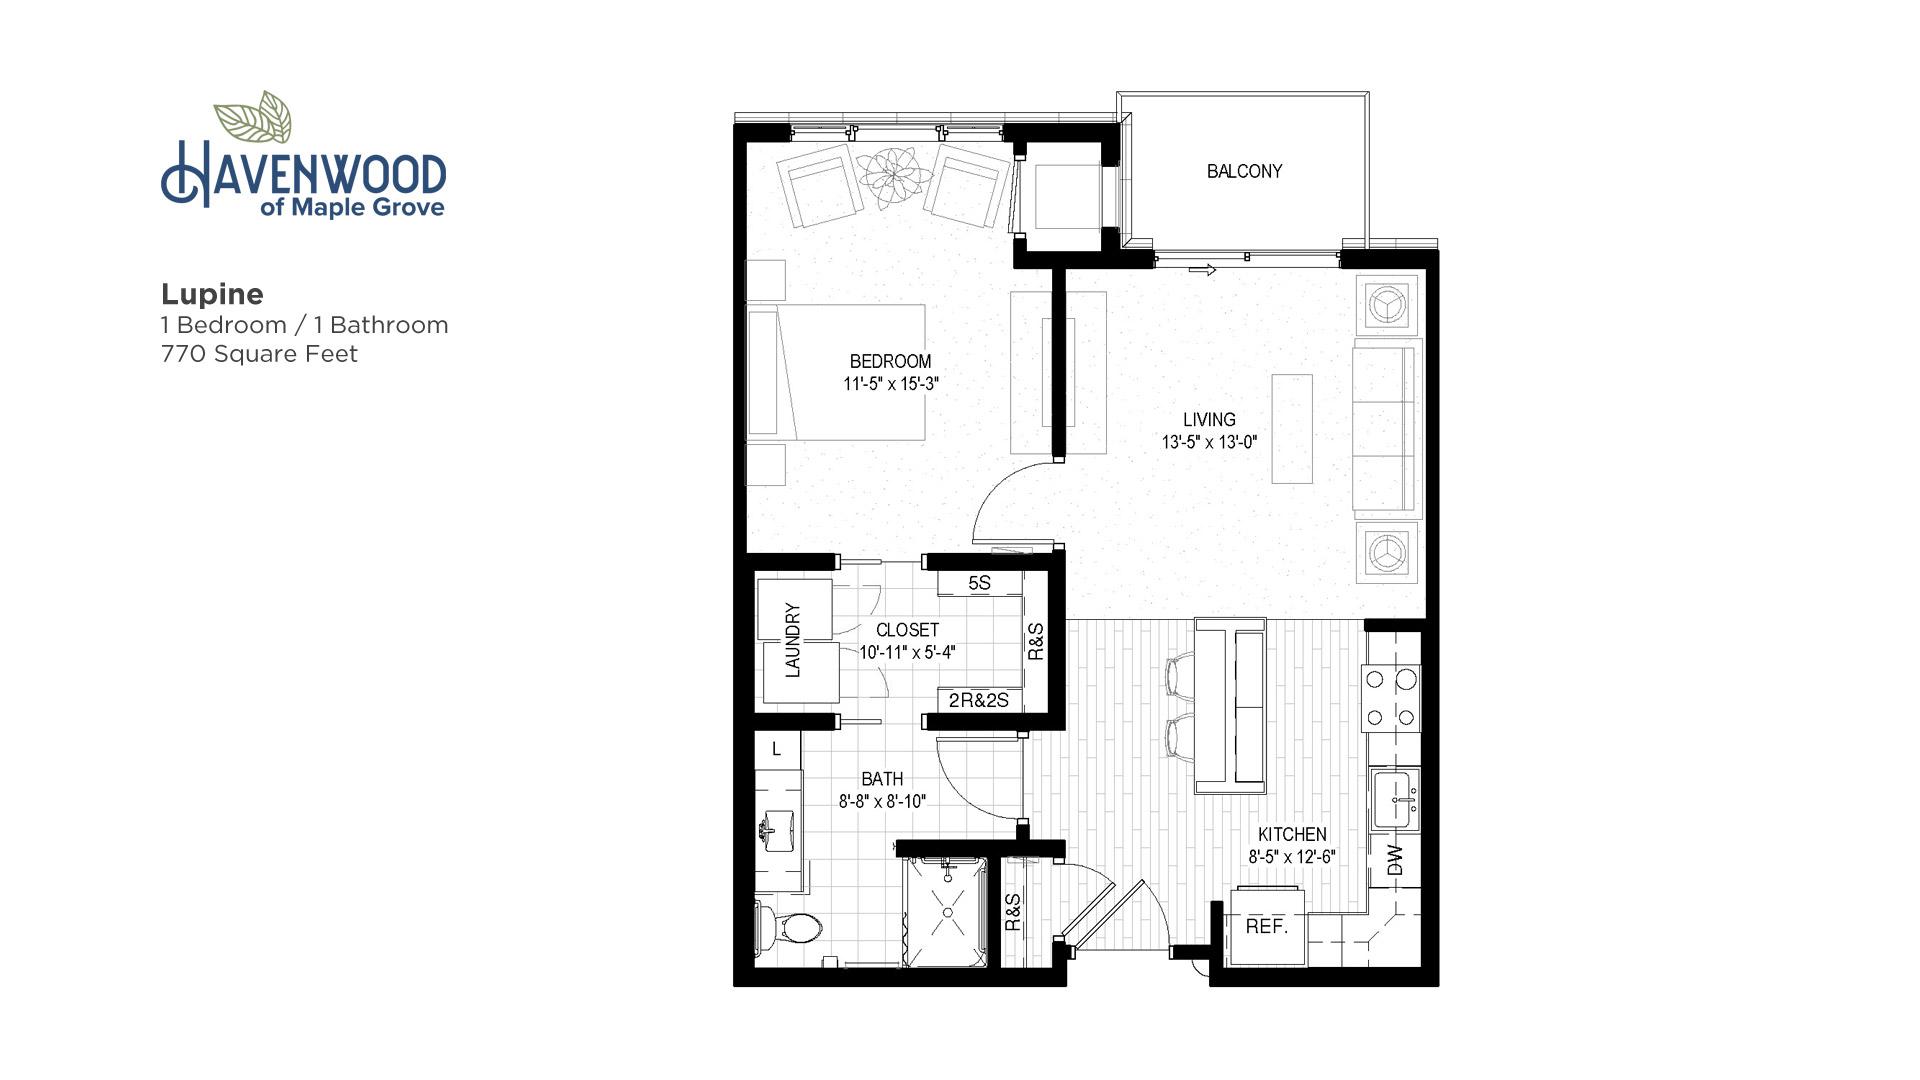 Havenwood of Maple Grove Lupine Floor Plan